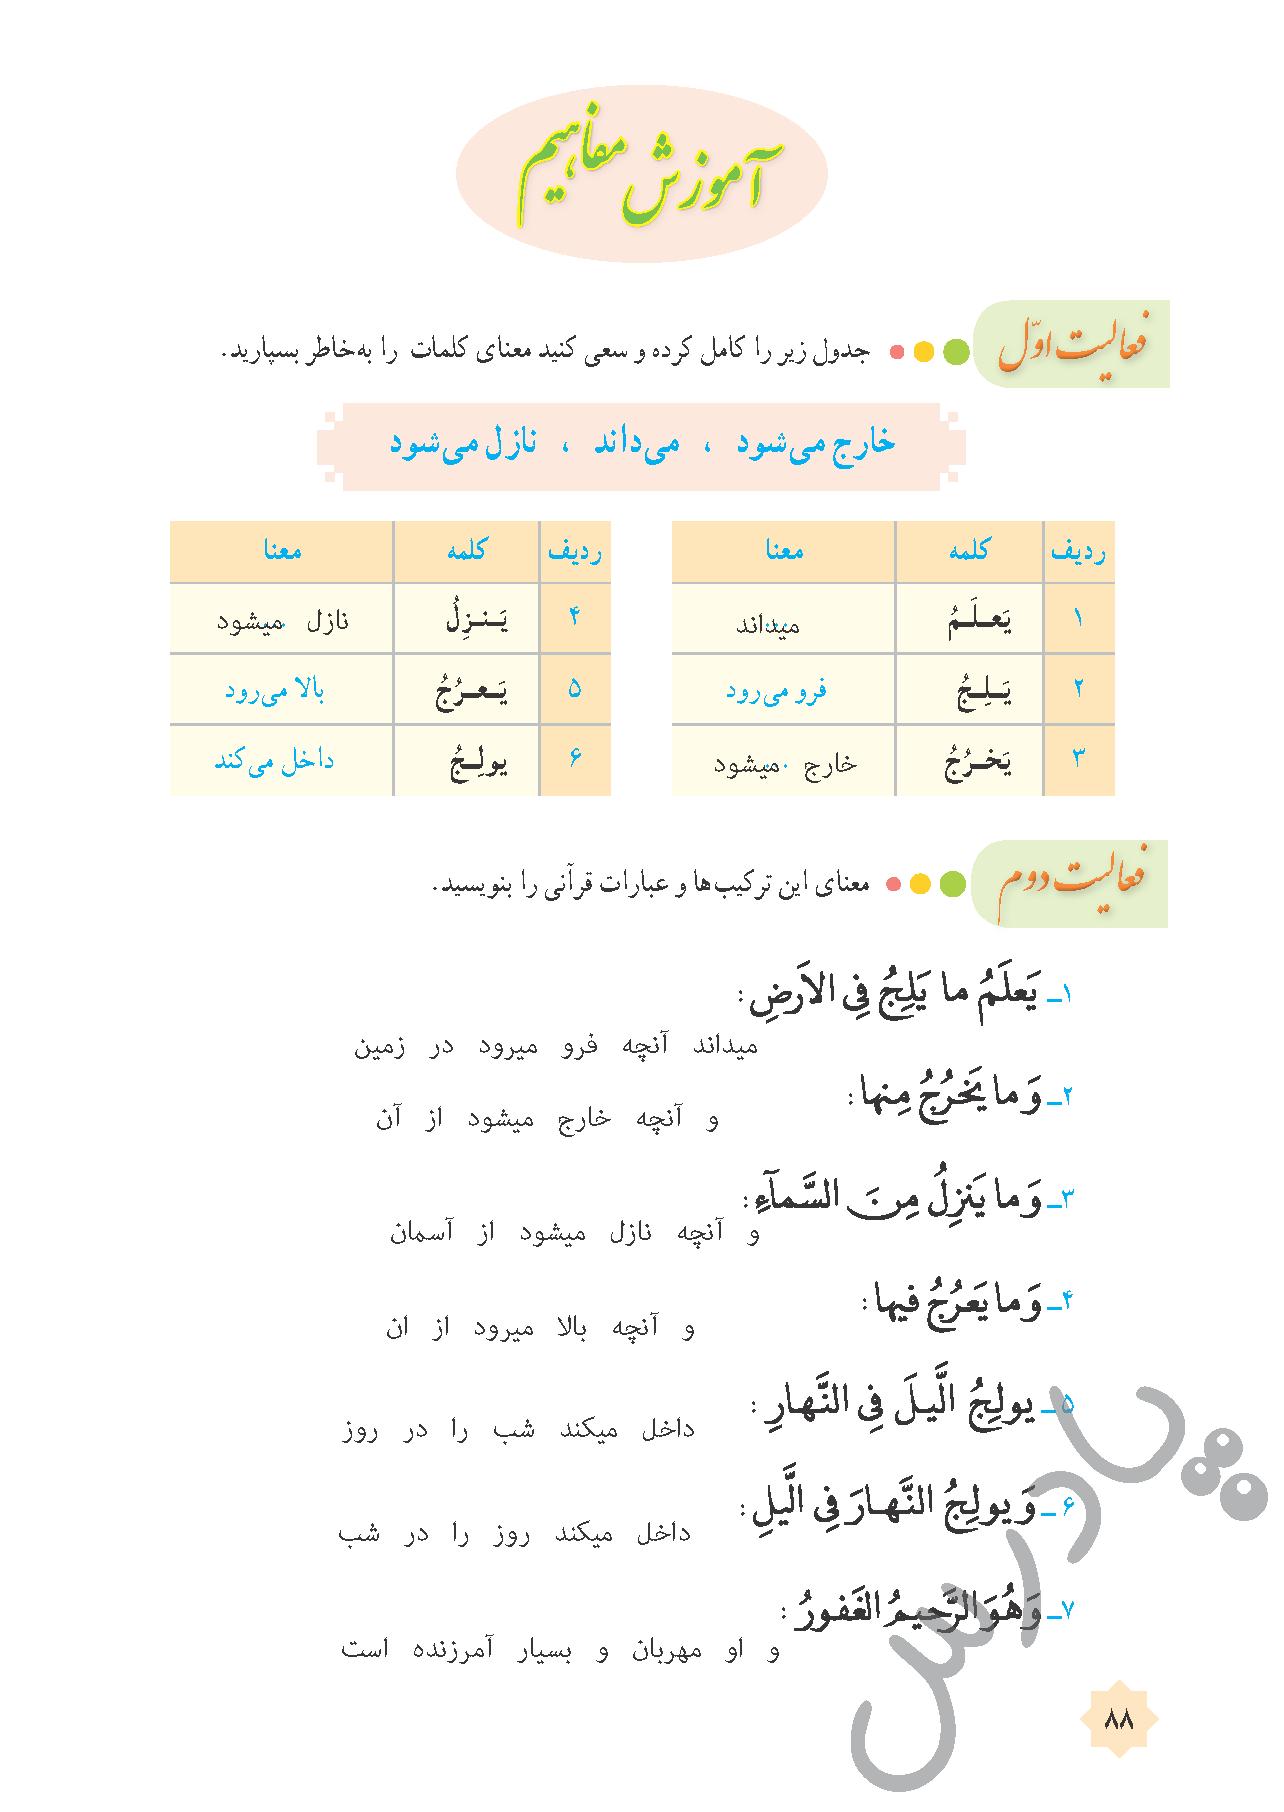 جواب فعالیت های درس 9 قرآن هشتم - جلسه اول